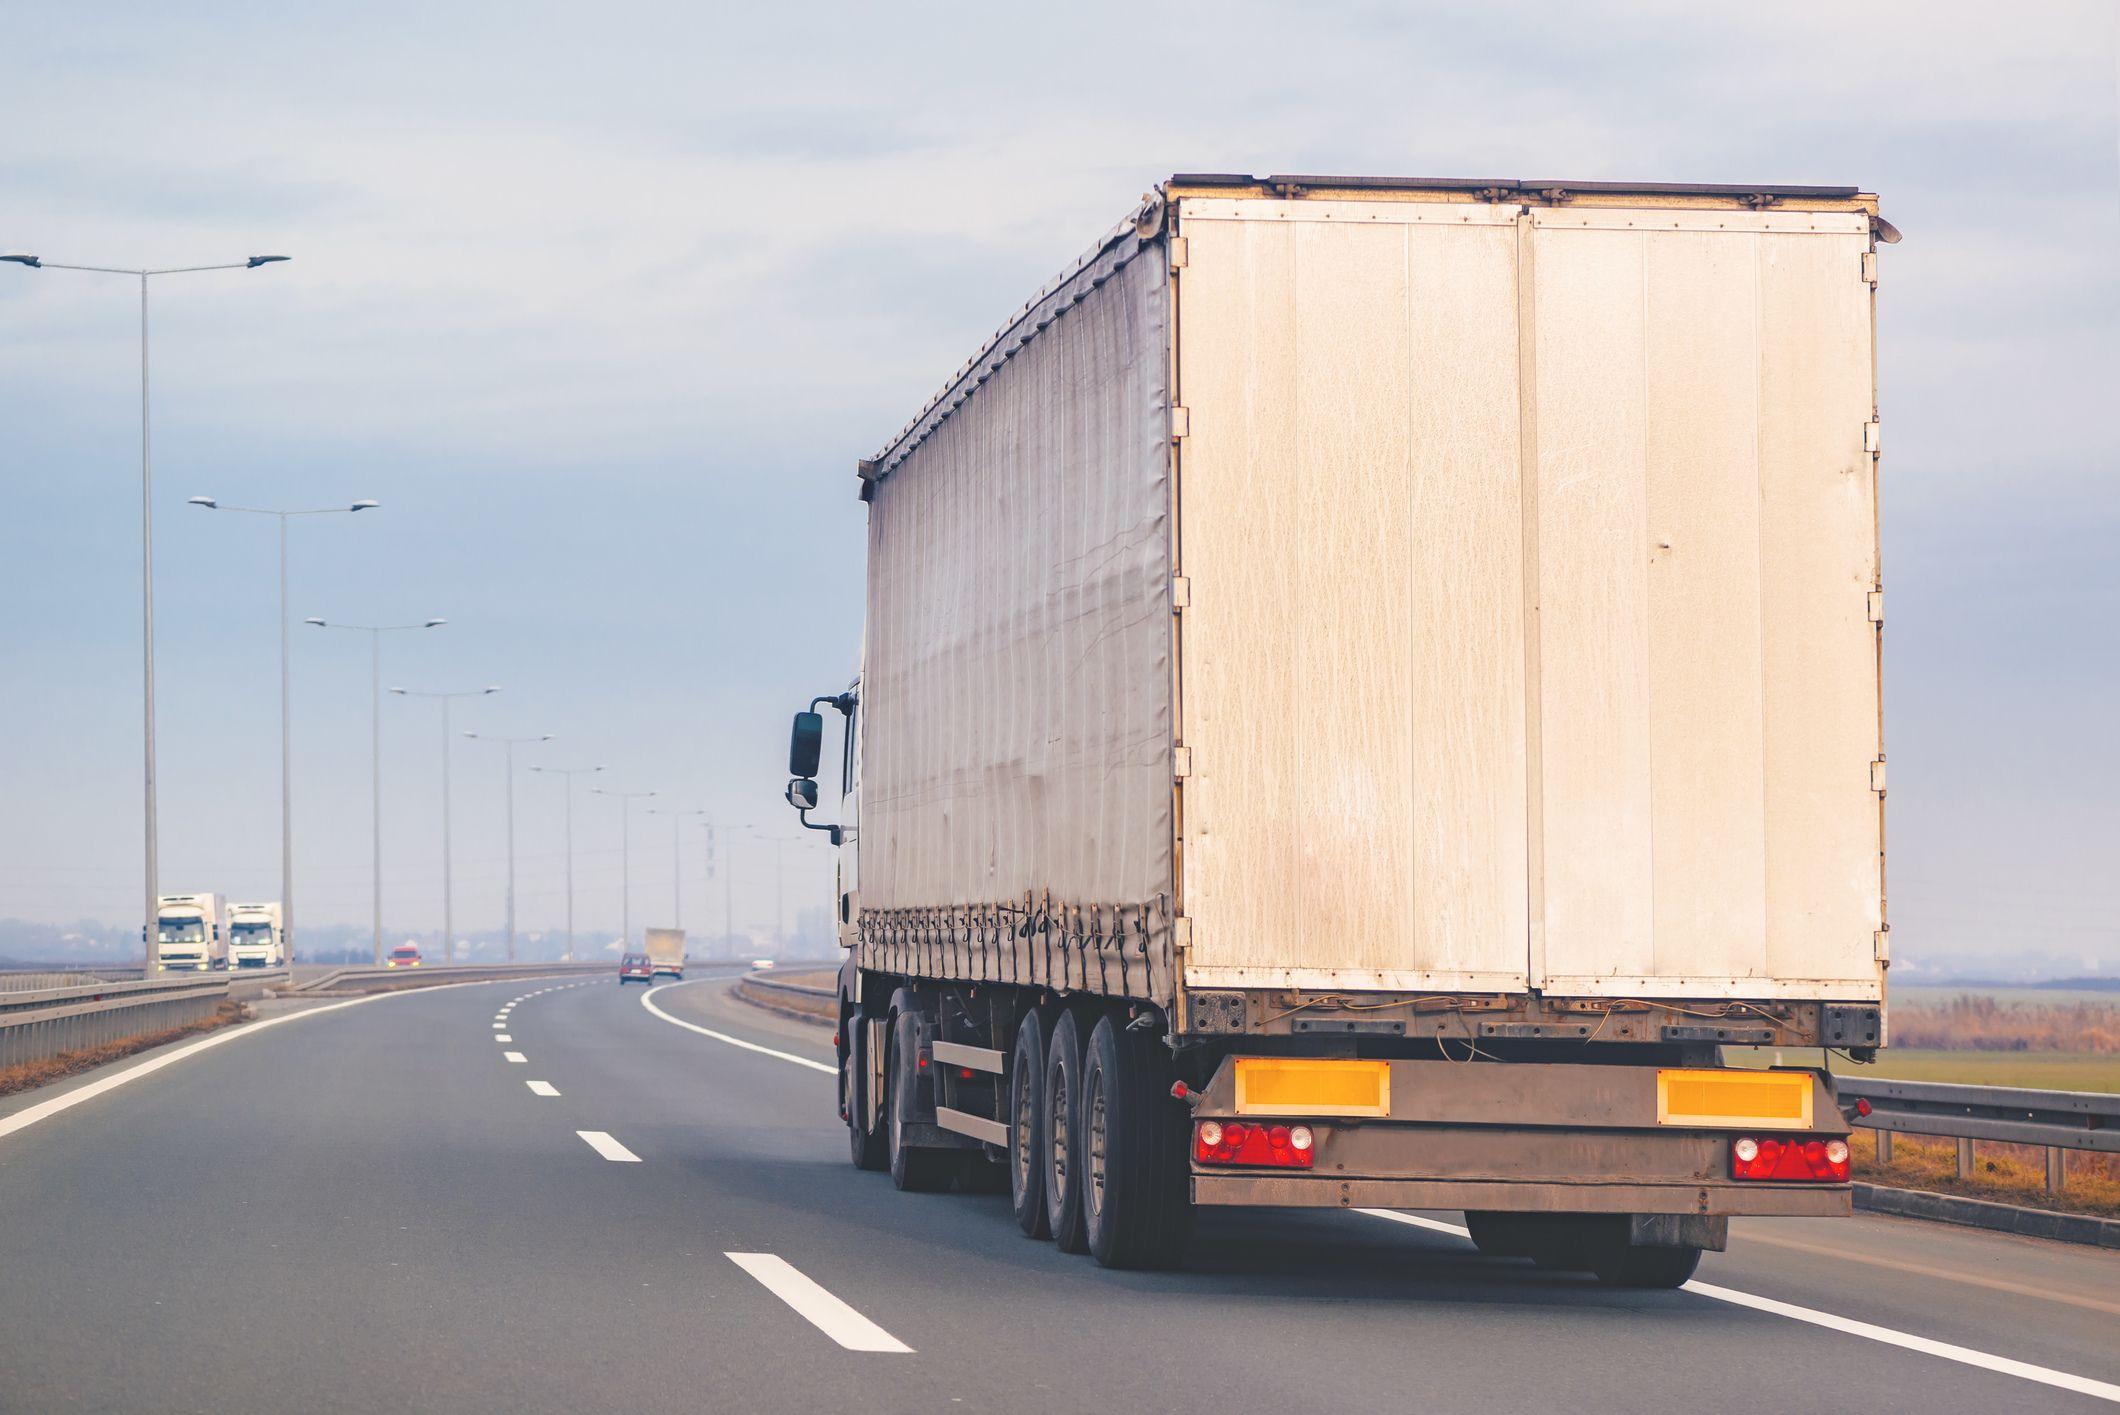 Niewydawanie zaświadczeń ZUS zaszkodzi firmom transportowym